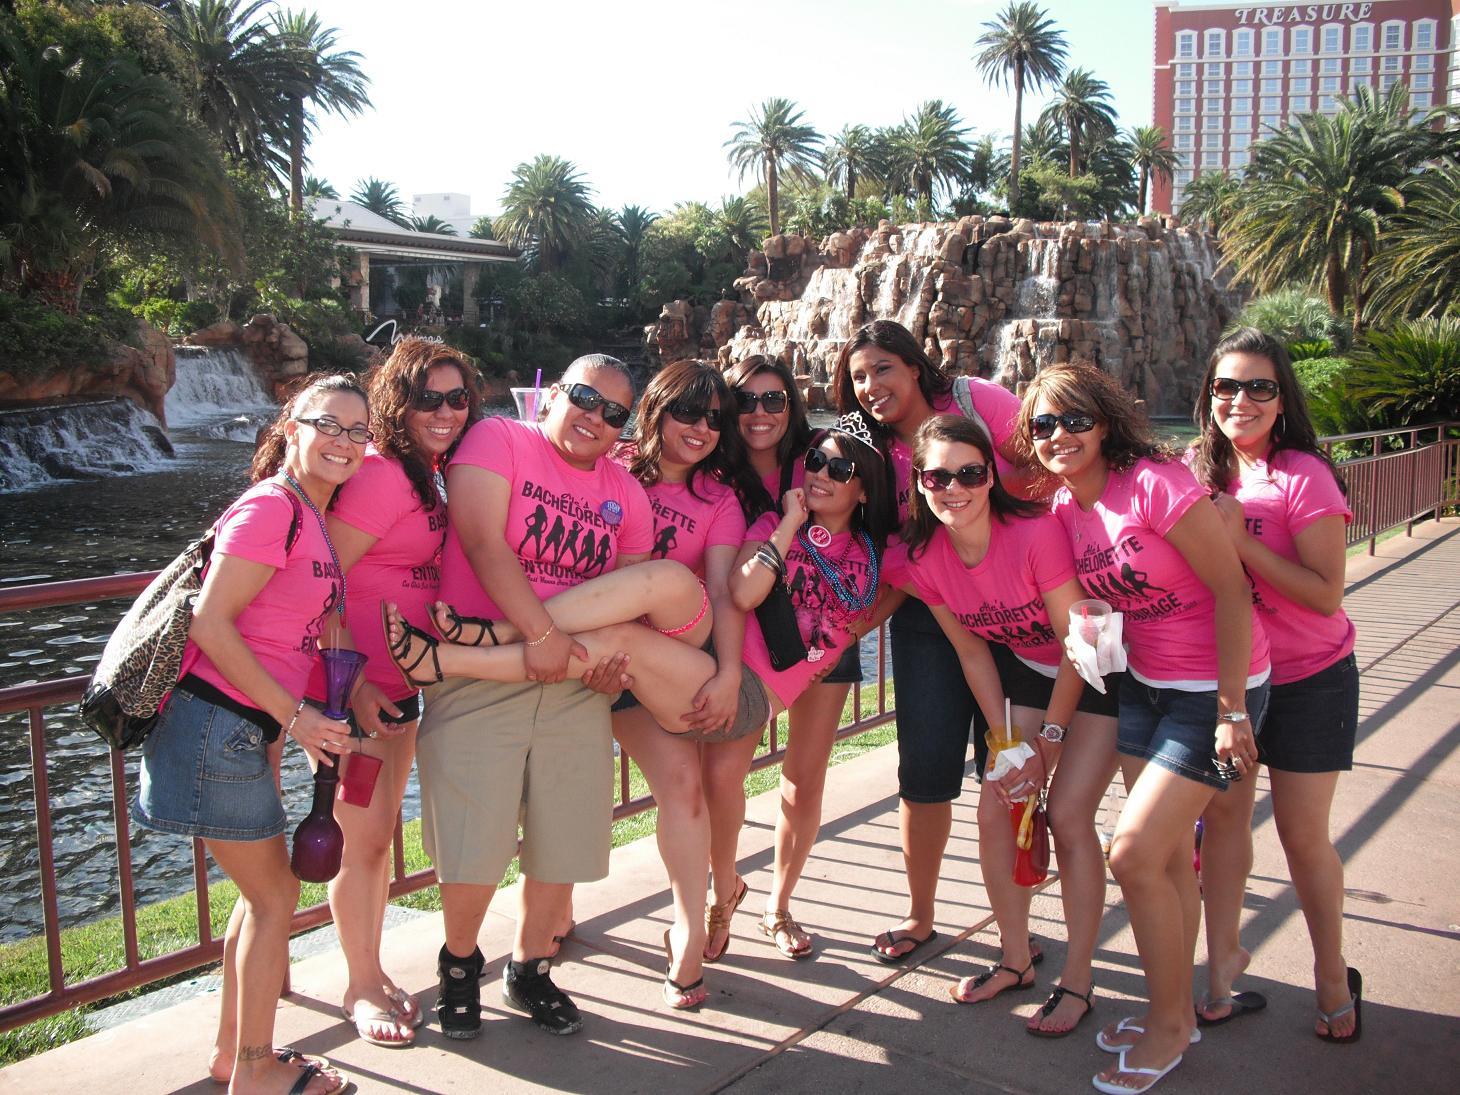 Design your own t shirt las vegas - Ale S Bachelorette Entourage In Las Vegas T Shirt Photo